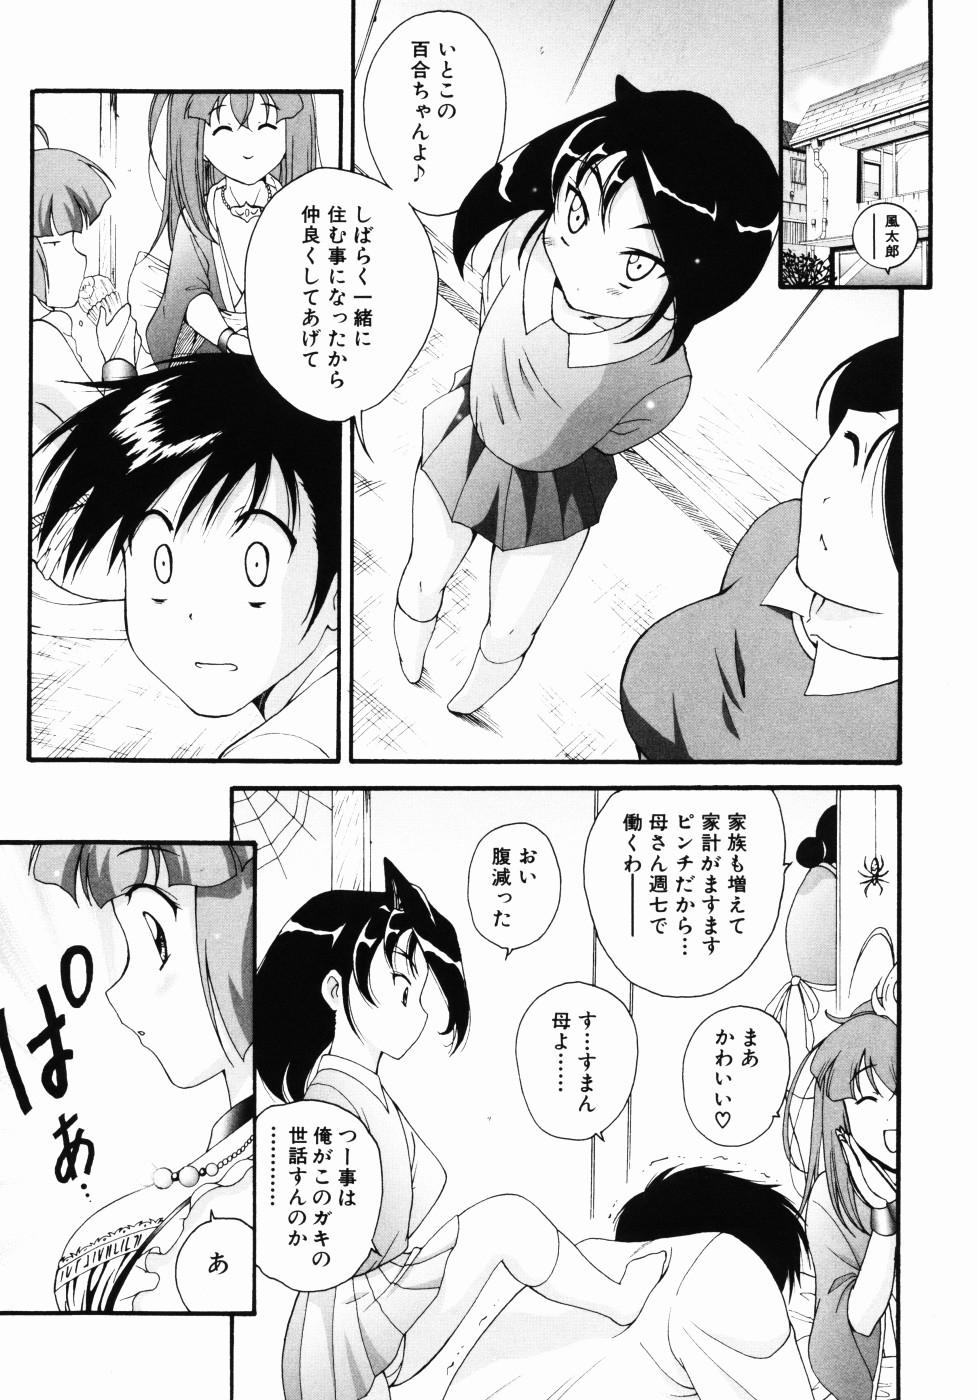 Daikyou Megami 167